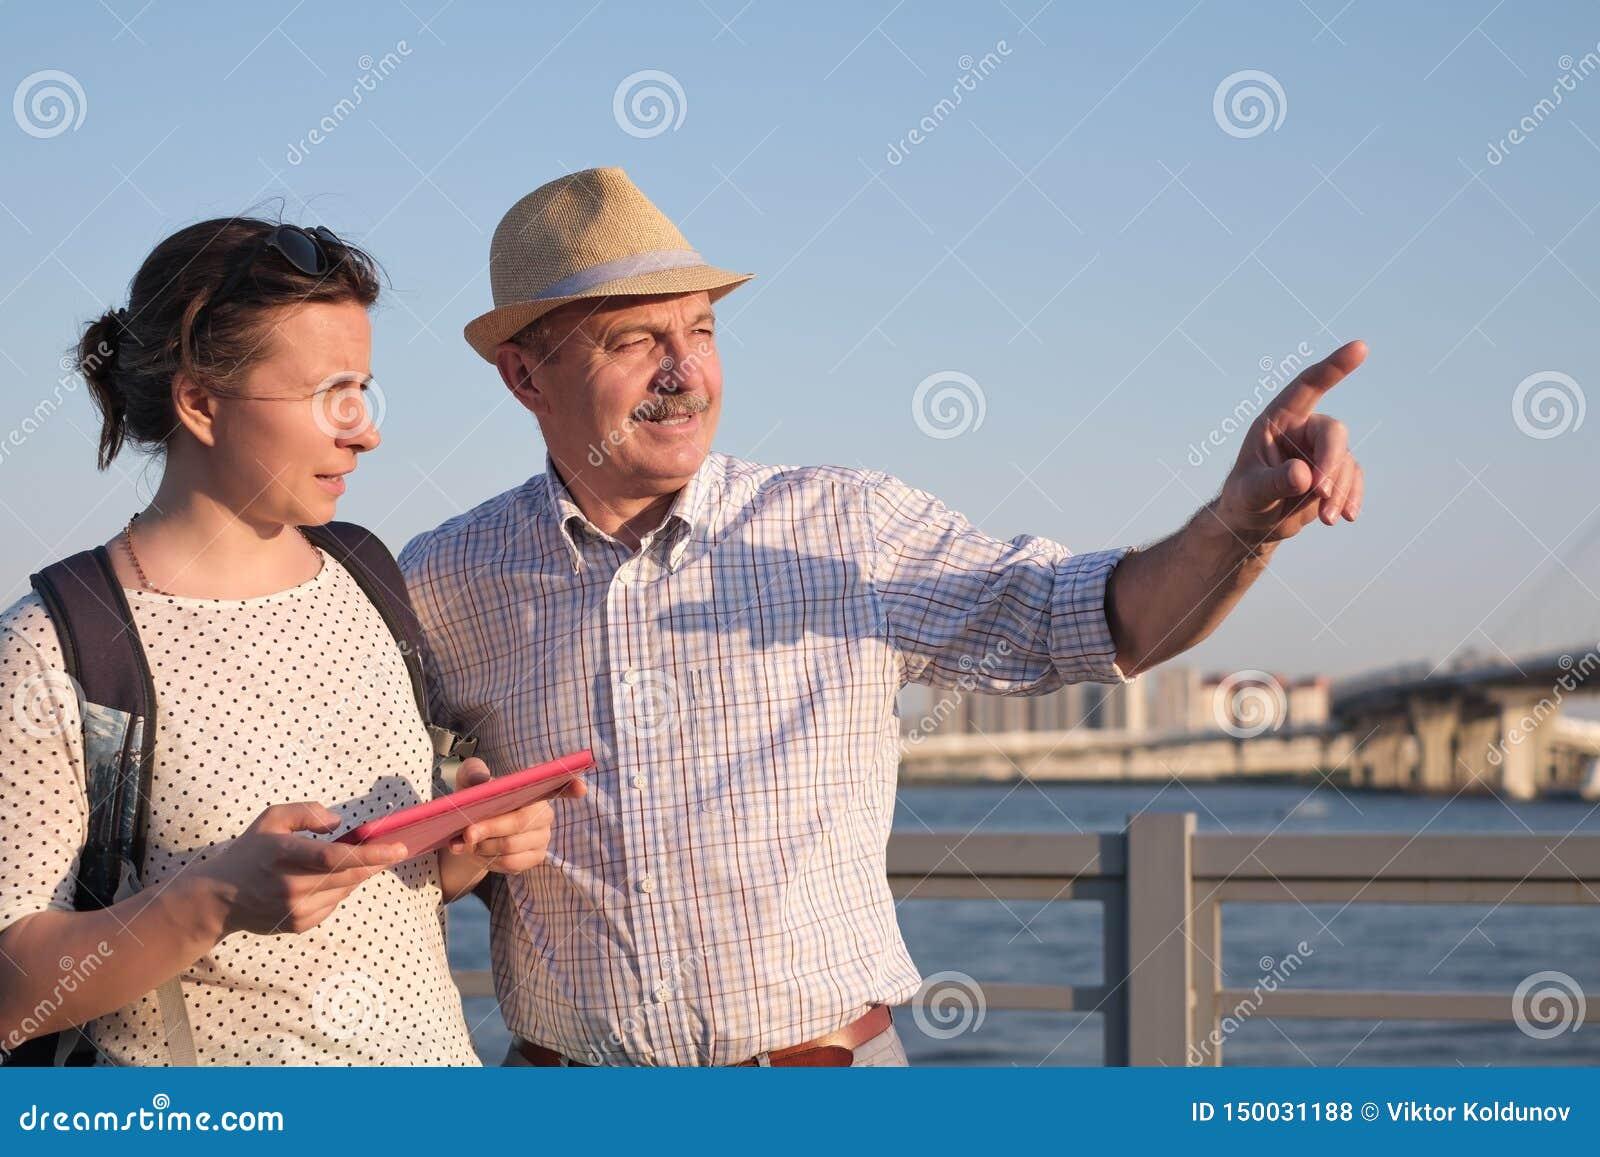 夏天帽子的老人显示在地图的方式给年轻女人